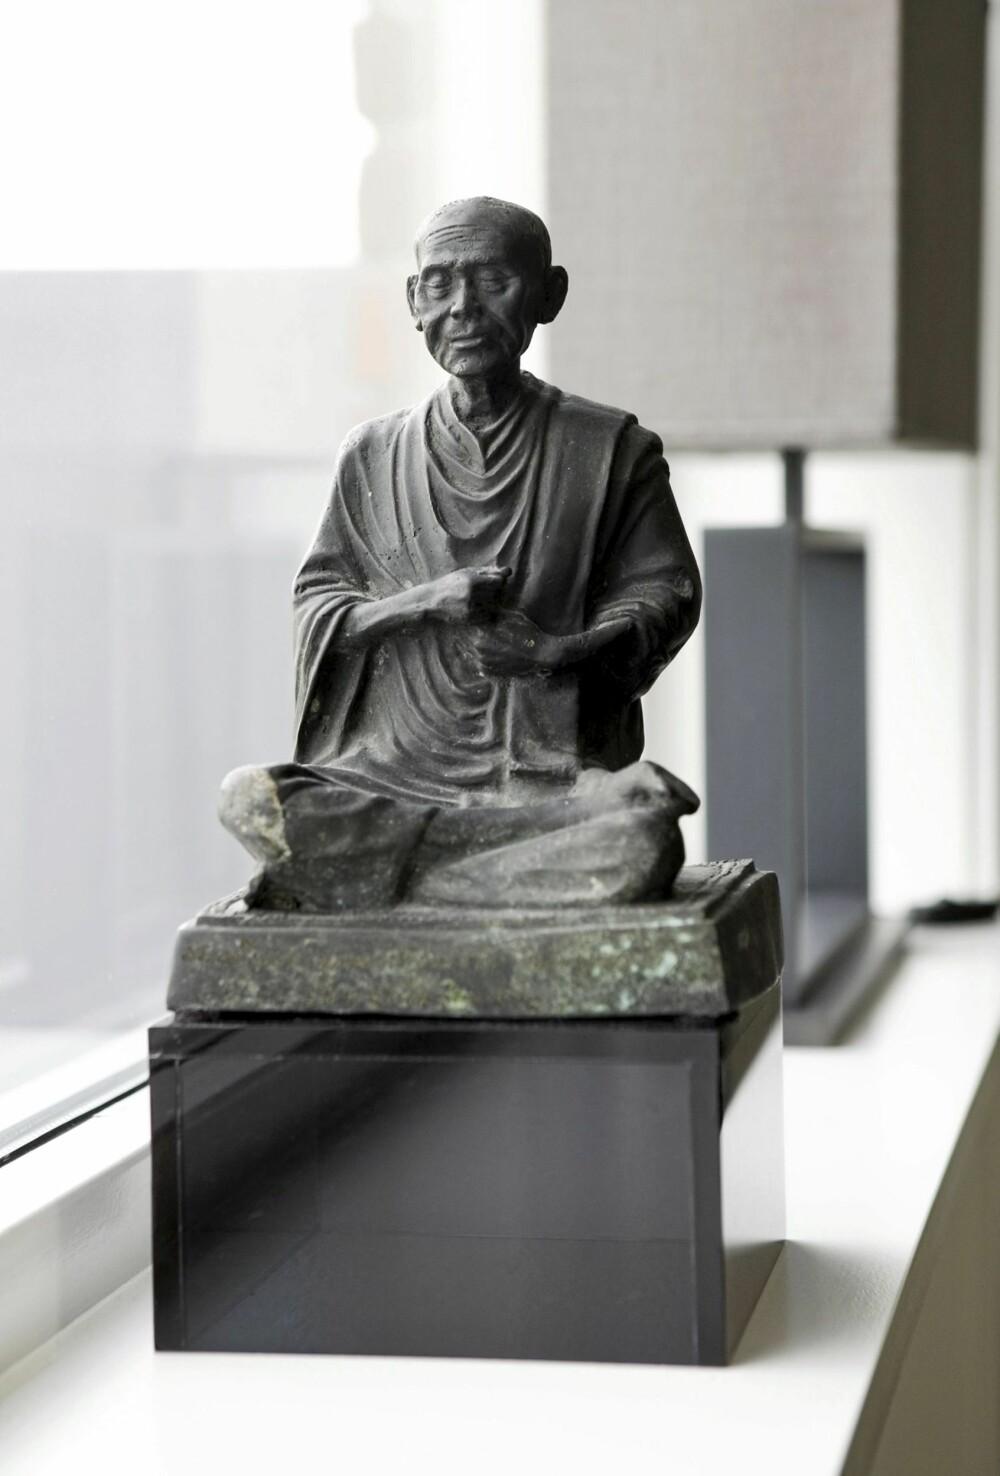 FAVORITT: Denne spesielle munken ble kjøpt på et bruktmarked i Thailand.